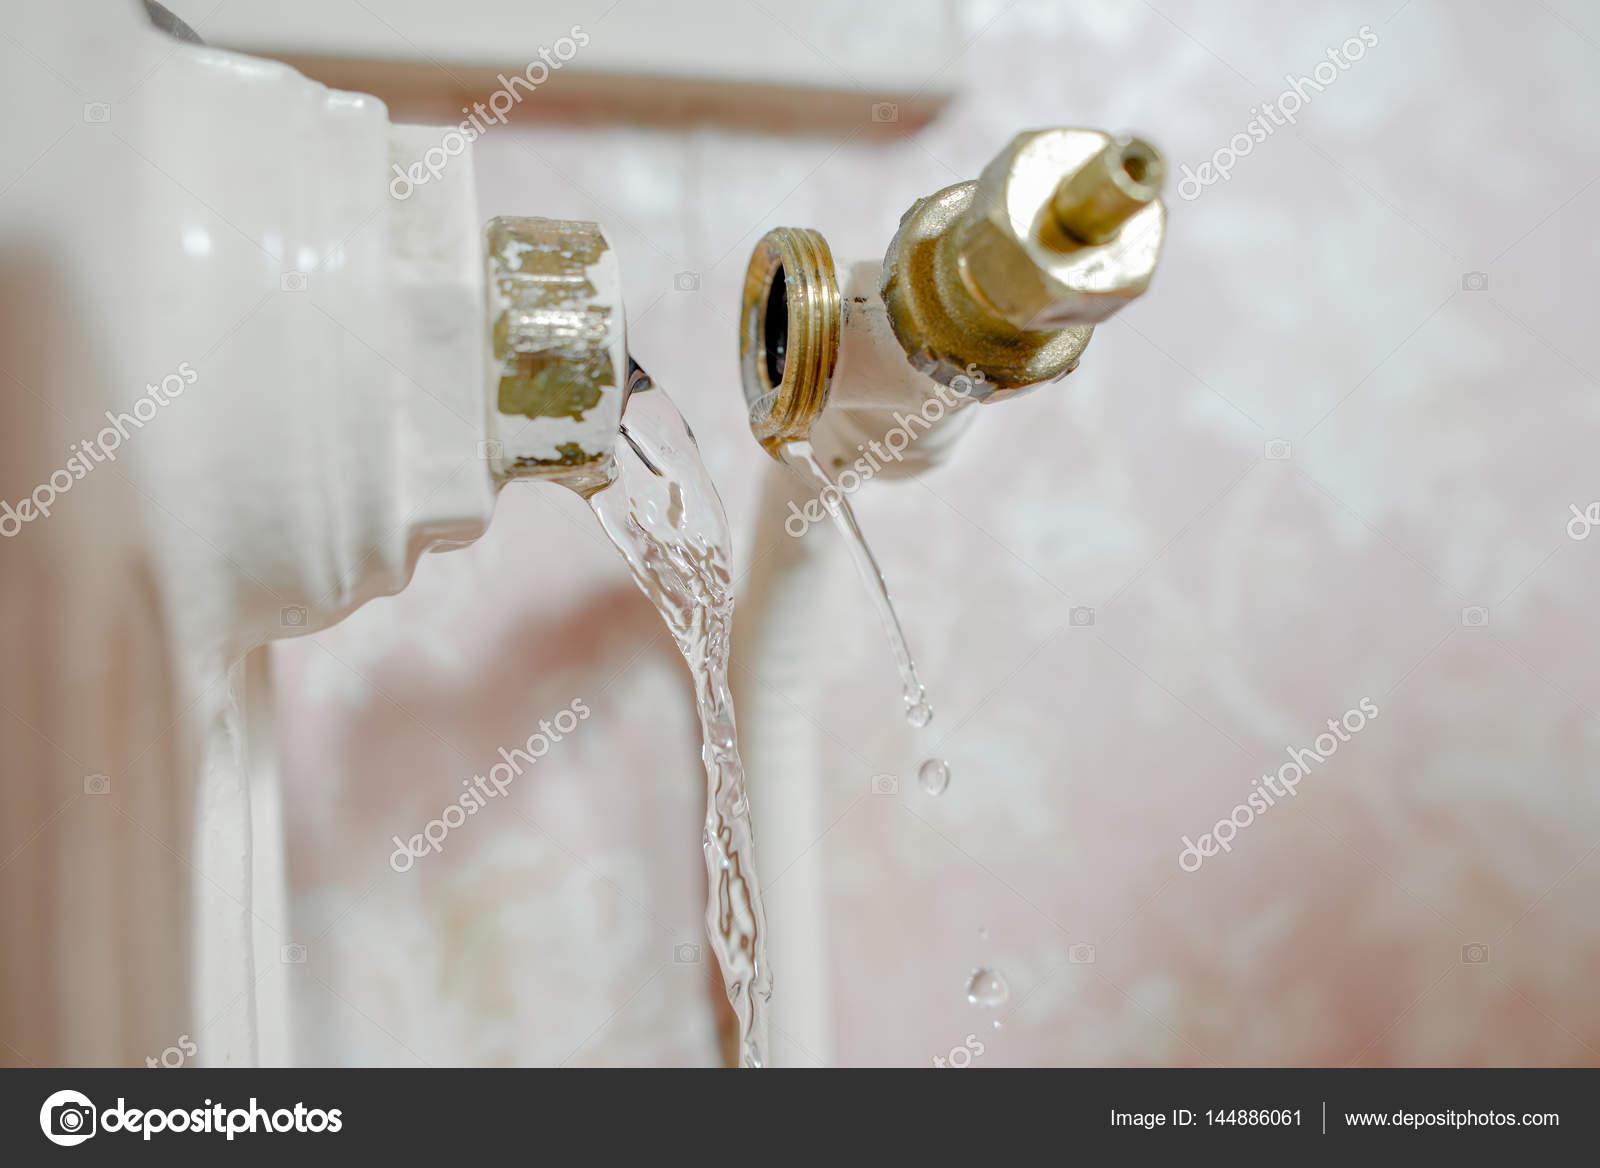 chauffe eau qui fuit et laiton photographie photography33 144886061. Black Bedroom Furniture Sets. Home Design Ideas